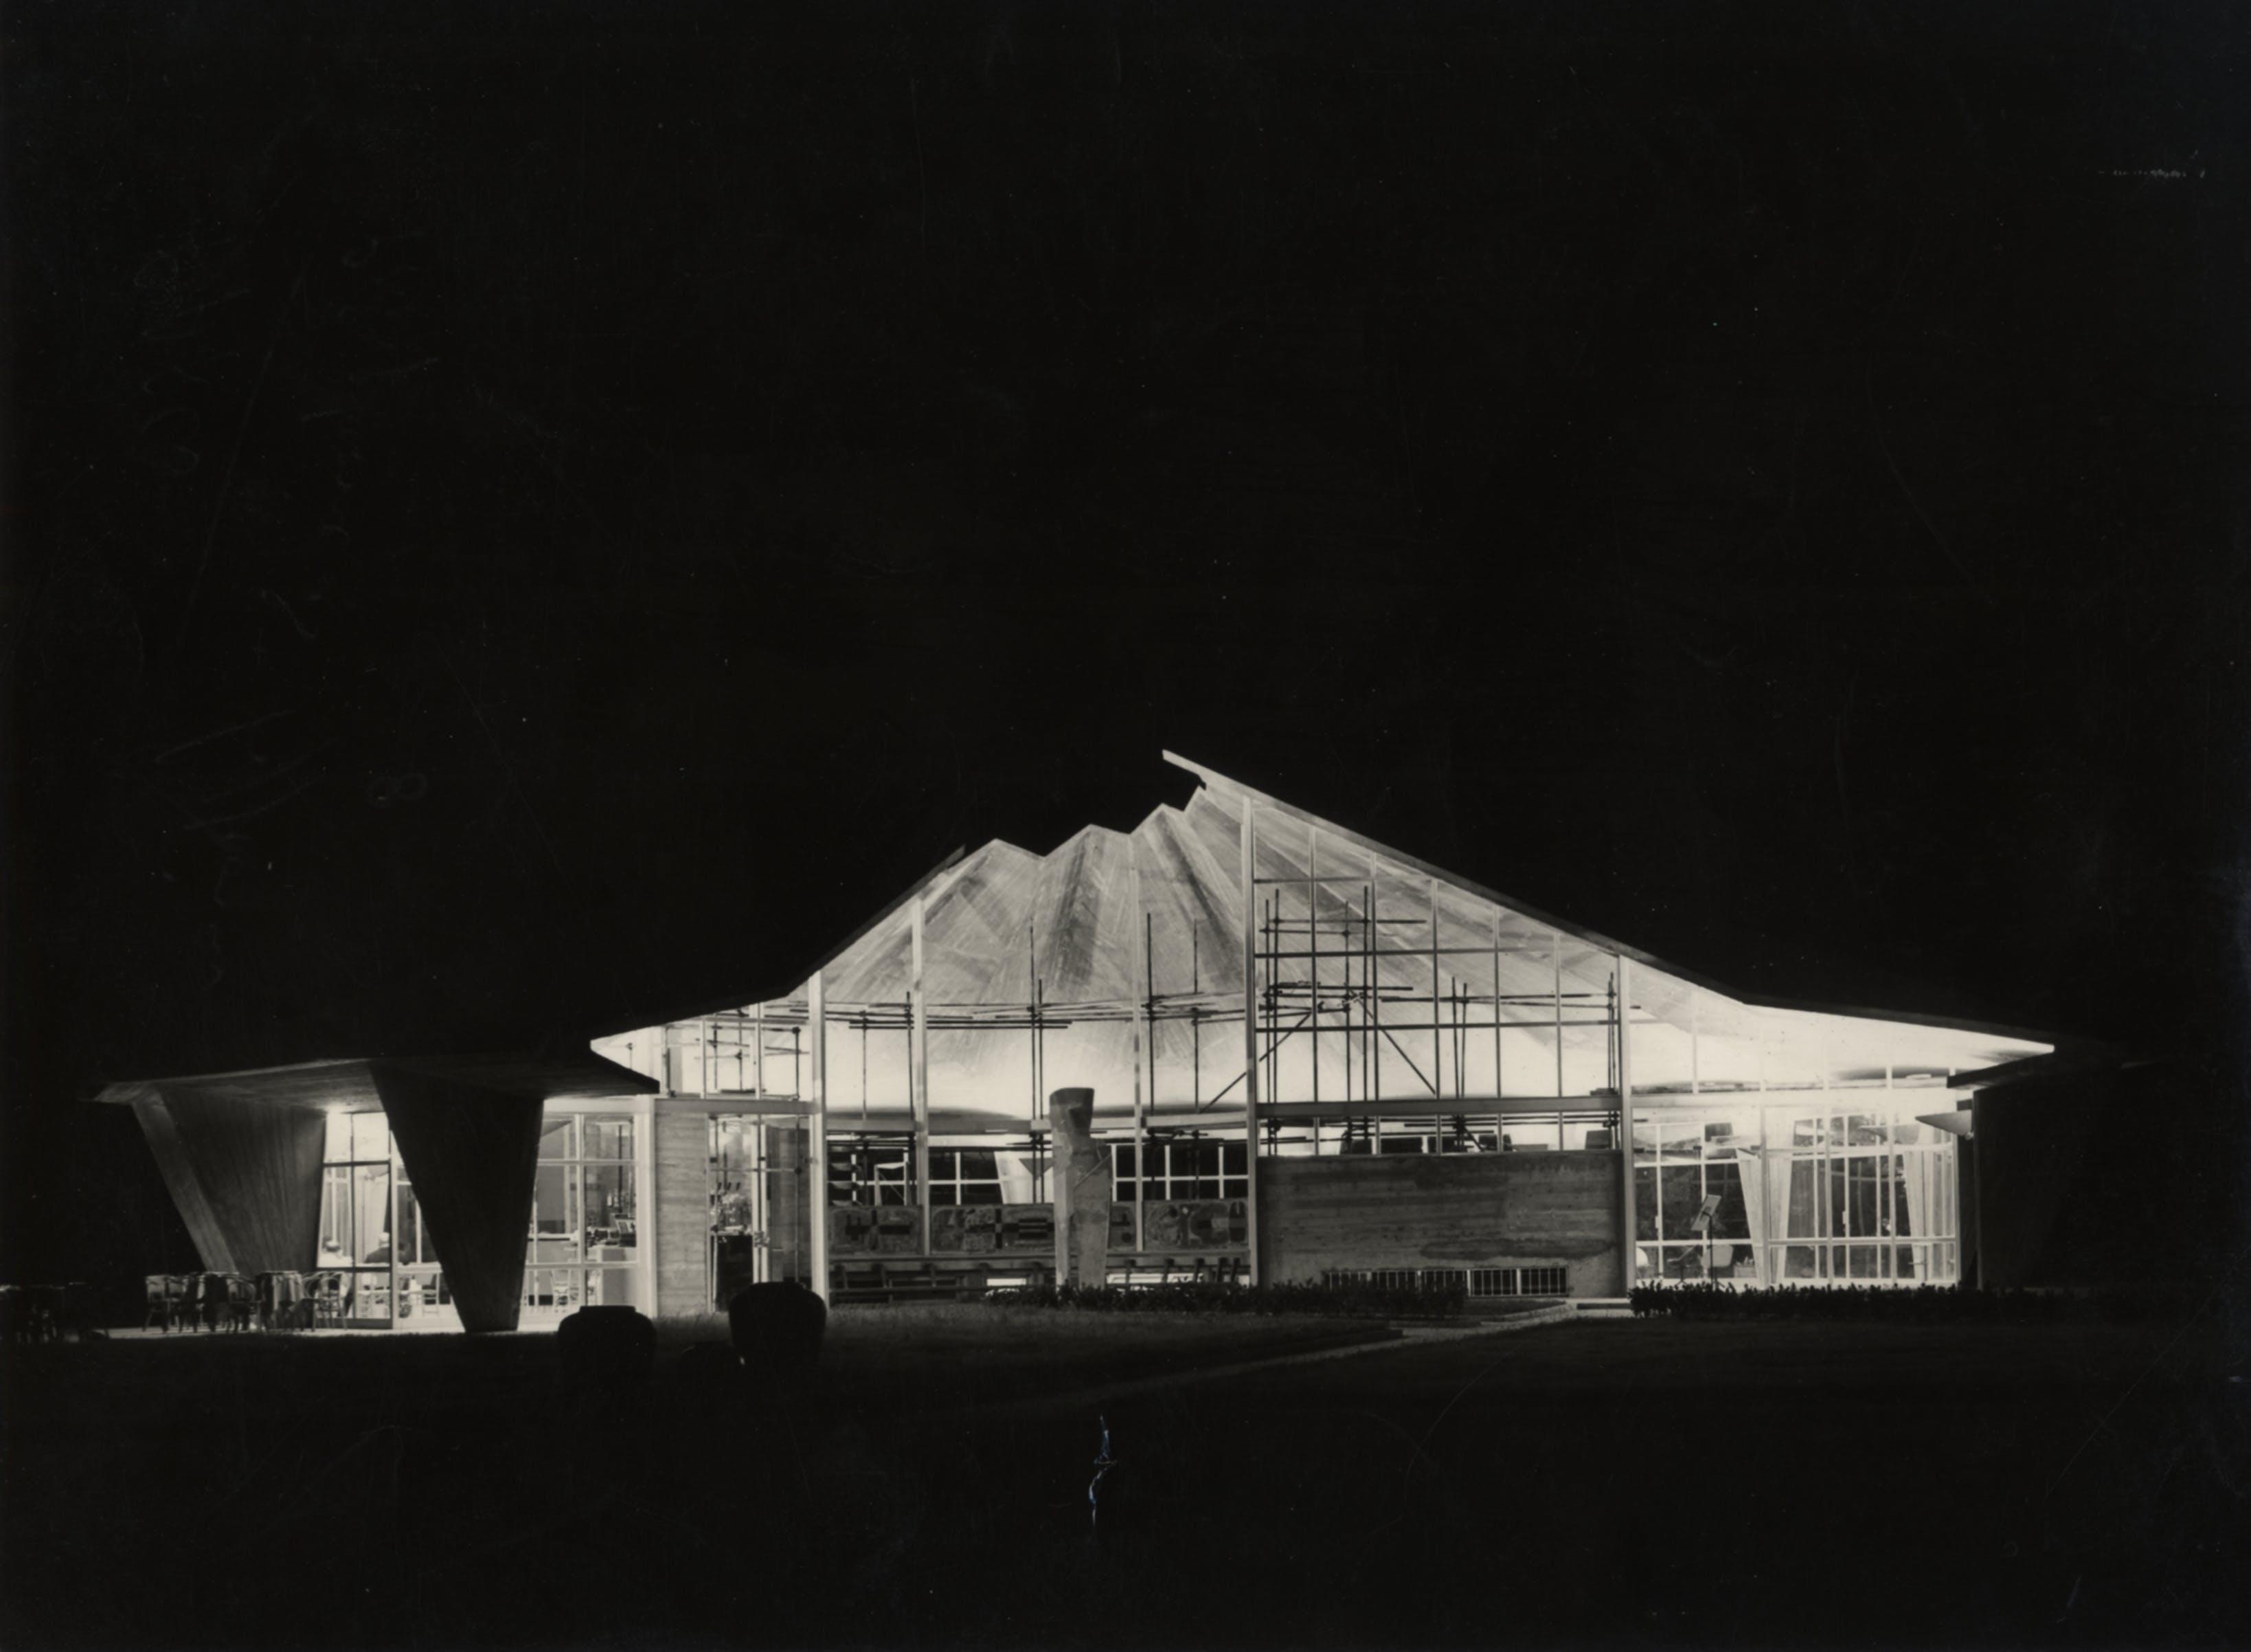 1954, Parco Sempione – Lavori di costruzione del Padiglione per soggiorno della X Triennale, oggi biblioteca del parco